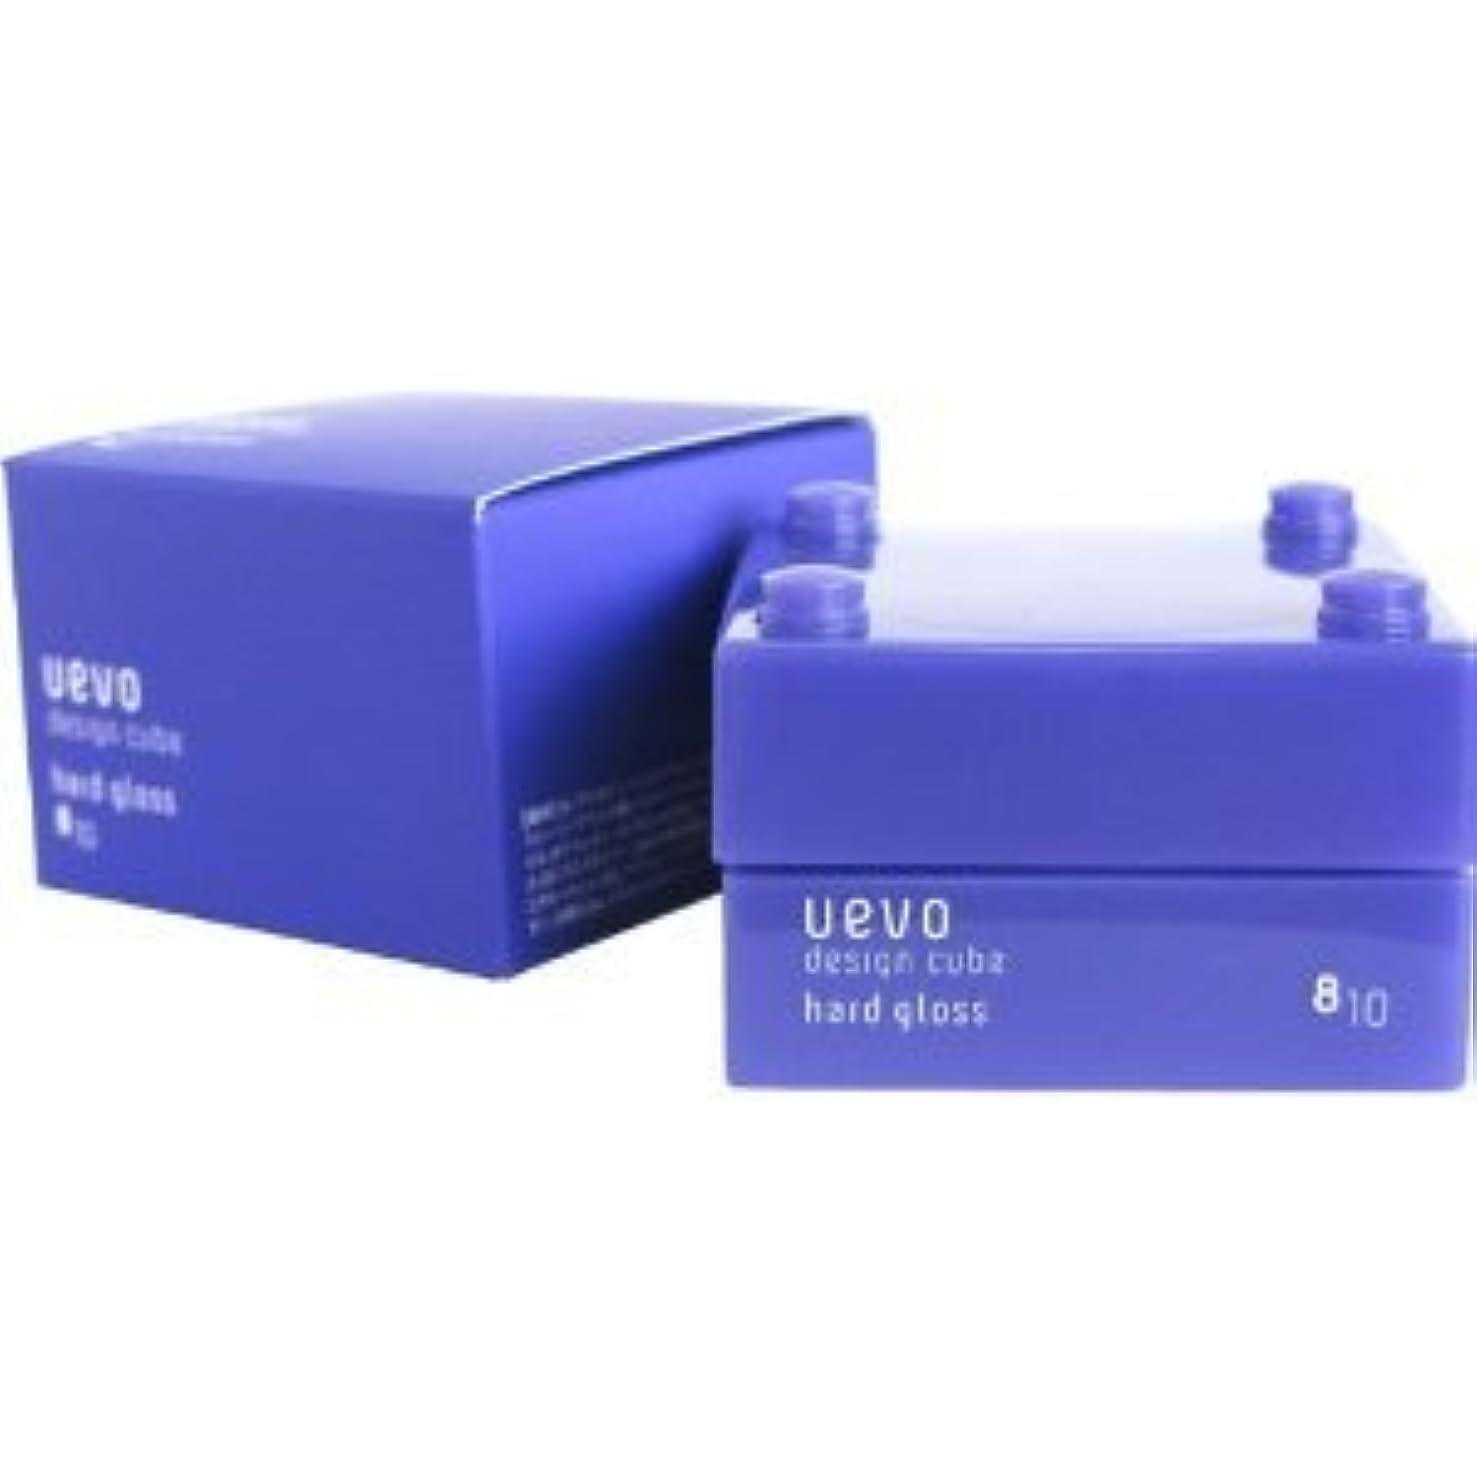 それるコート大洪水【X3個セット】 デミ ウェーボ デザインキューブ ハードグロス 30g hard gloss DEMI uevo design cube